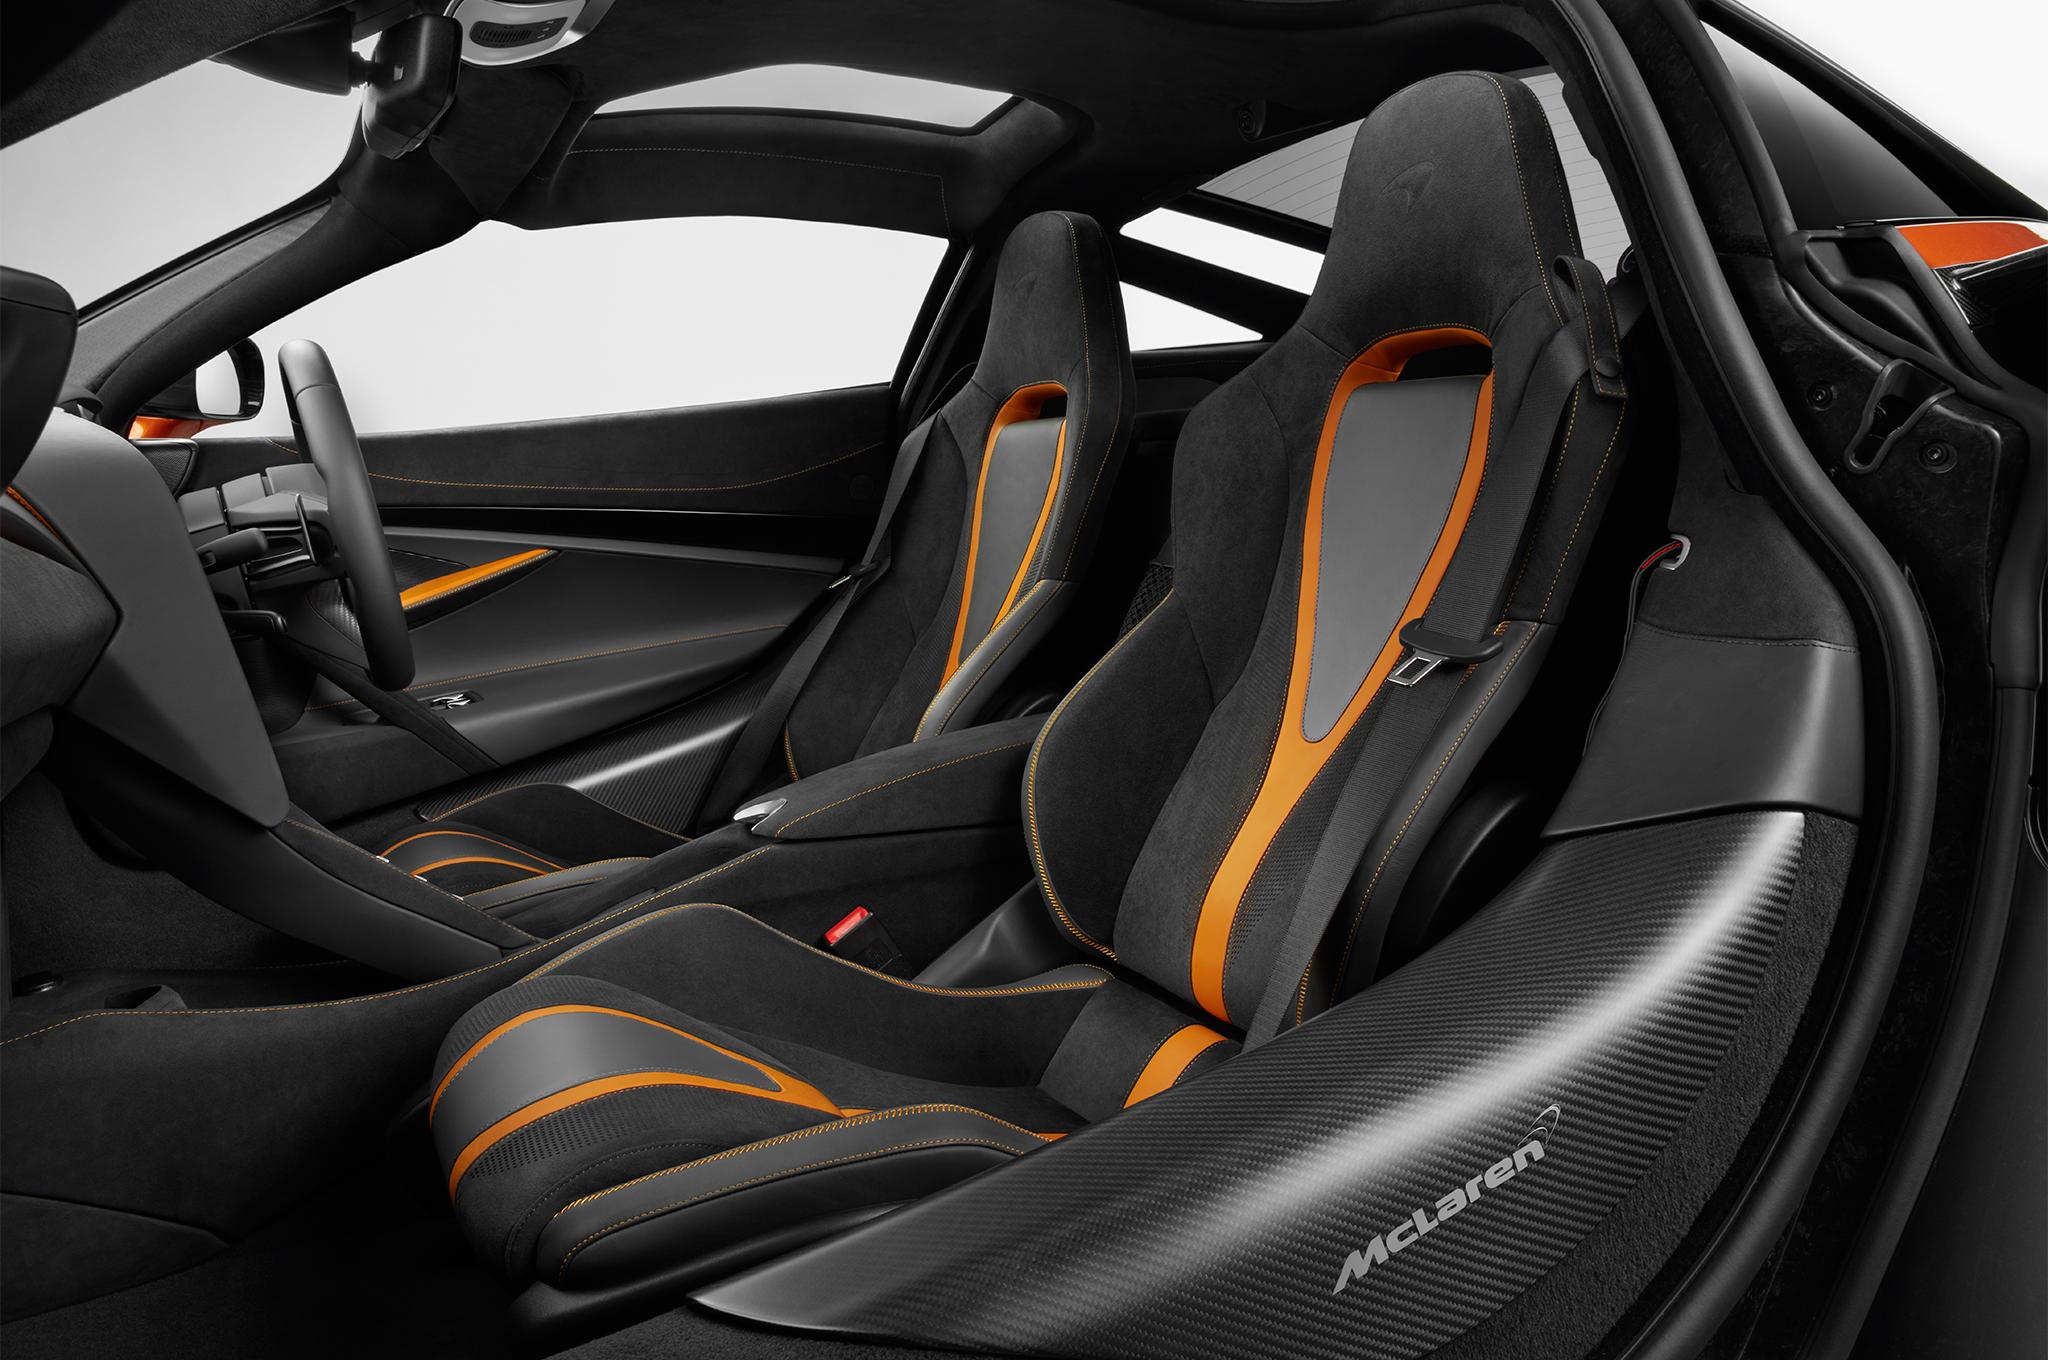 2018 McLaren720S interior front